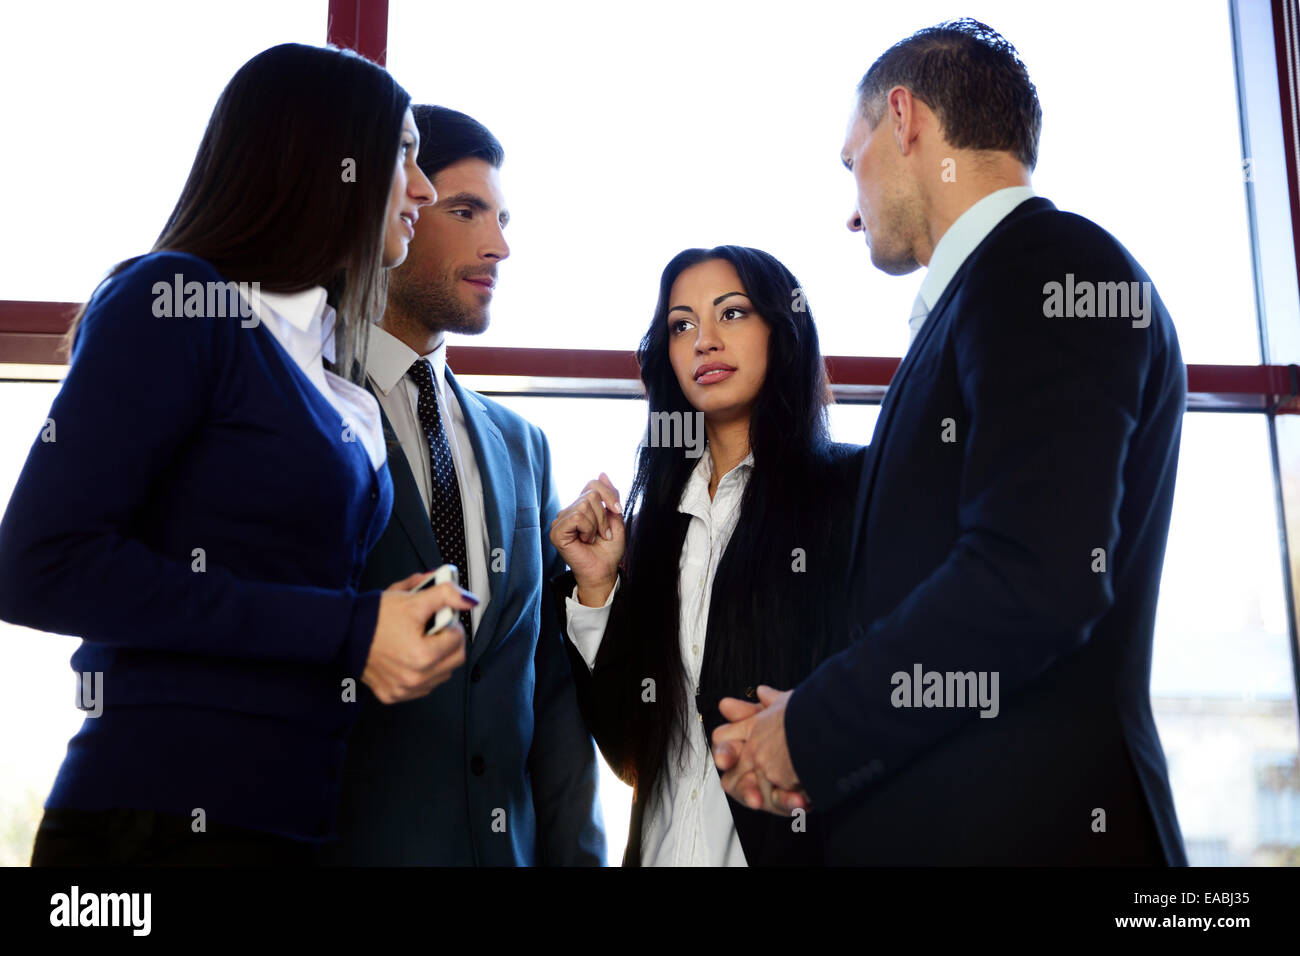 Gruppe von Geschäftsleuten im Büro sprechen Stockbild